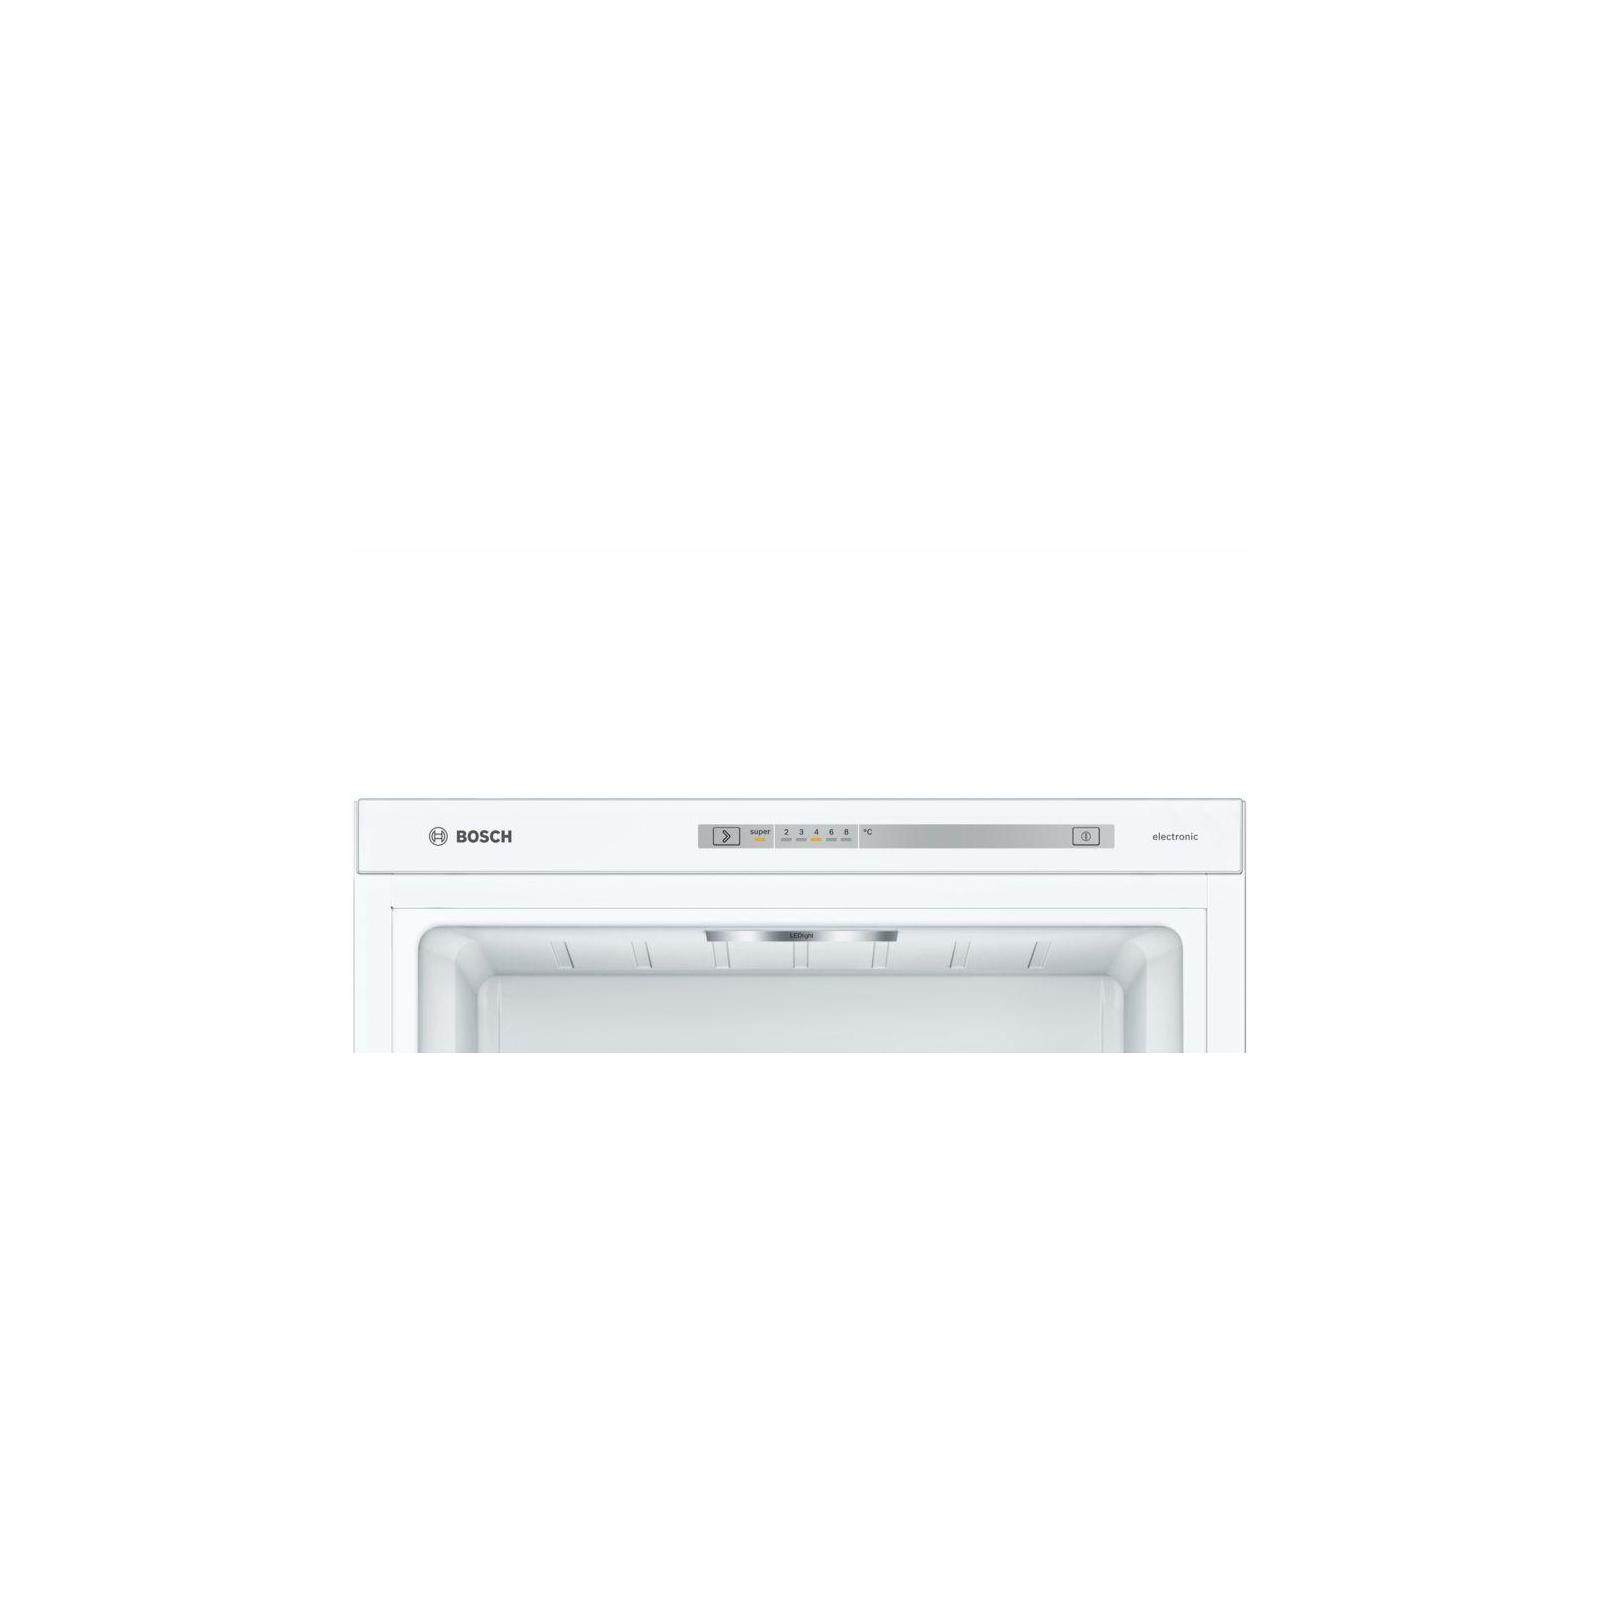 Холодильник BOSCH HA KGV39VW316 изображение 6